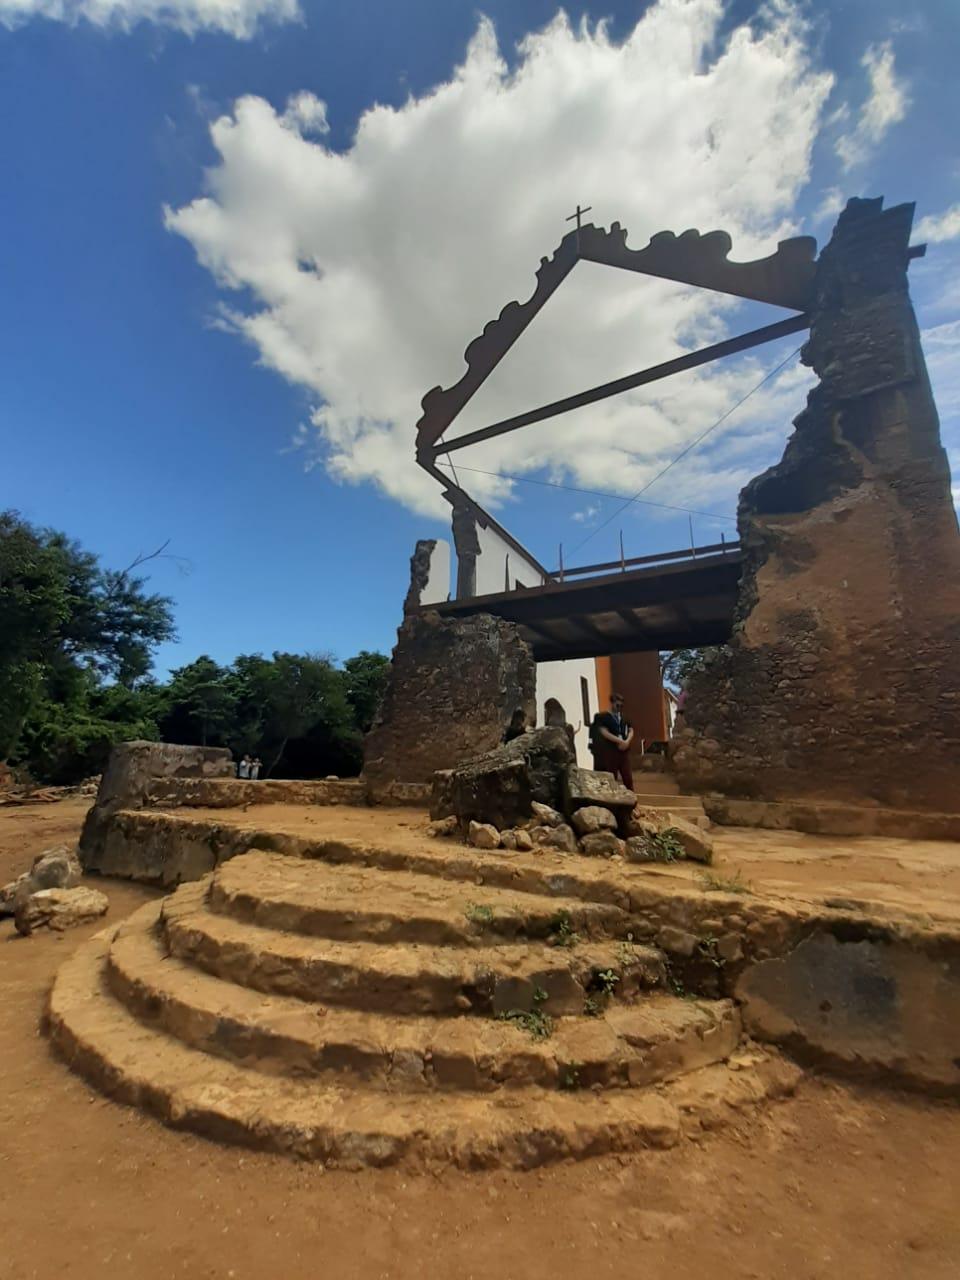 O frontão, elemento decorativo no nível superior da entrada da igreja, foi reconstruído em aço a partir de fragmentos em pedra da estrUtura original que estavam soterrados junto à escadaria original. Foto: Vinicius Arruda